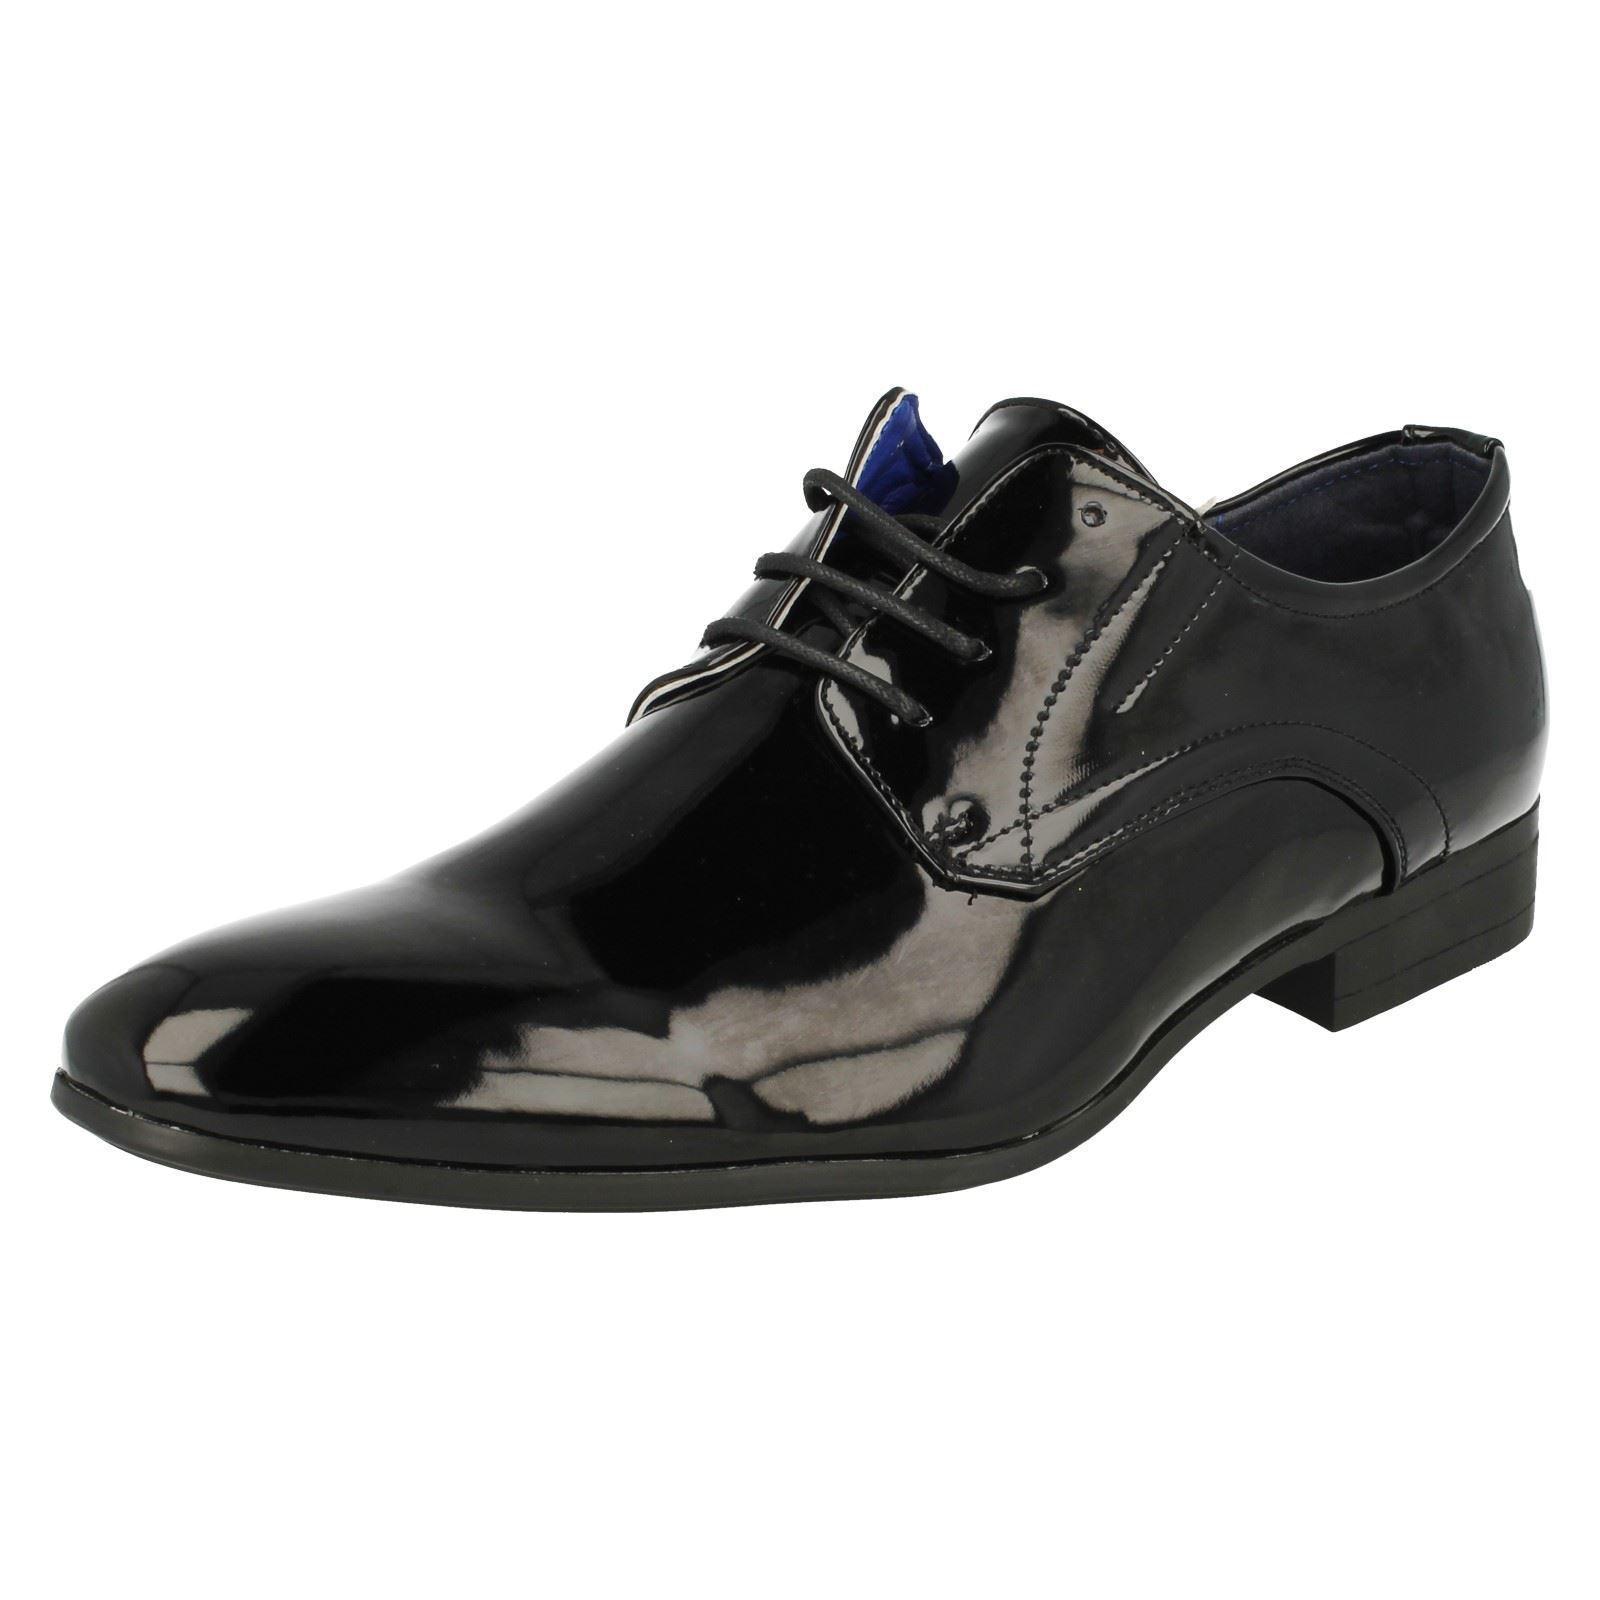 Malvern Zapatos Hombre Formal Charol look Zapatos Malvern Con Cordones 'a2136' Negro 48826e